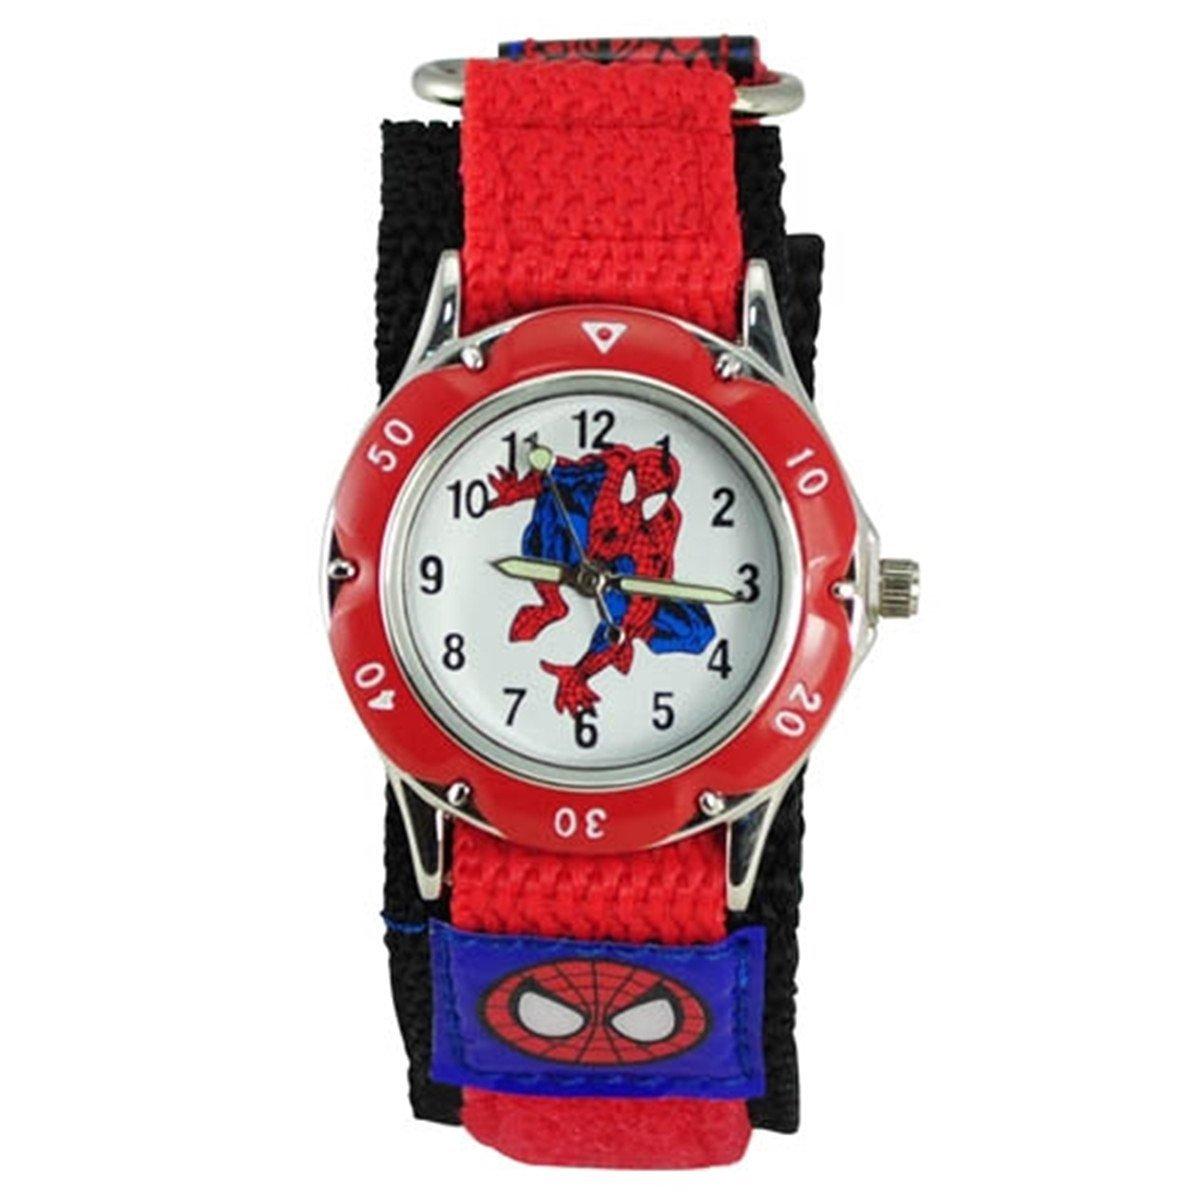 Thalia Sagun - Reloj de muñeca Infantil con diseño de Spiderman (Resistente al Agua, Correa de Velcro): Amazon.es: Juguetes y juegos